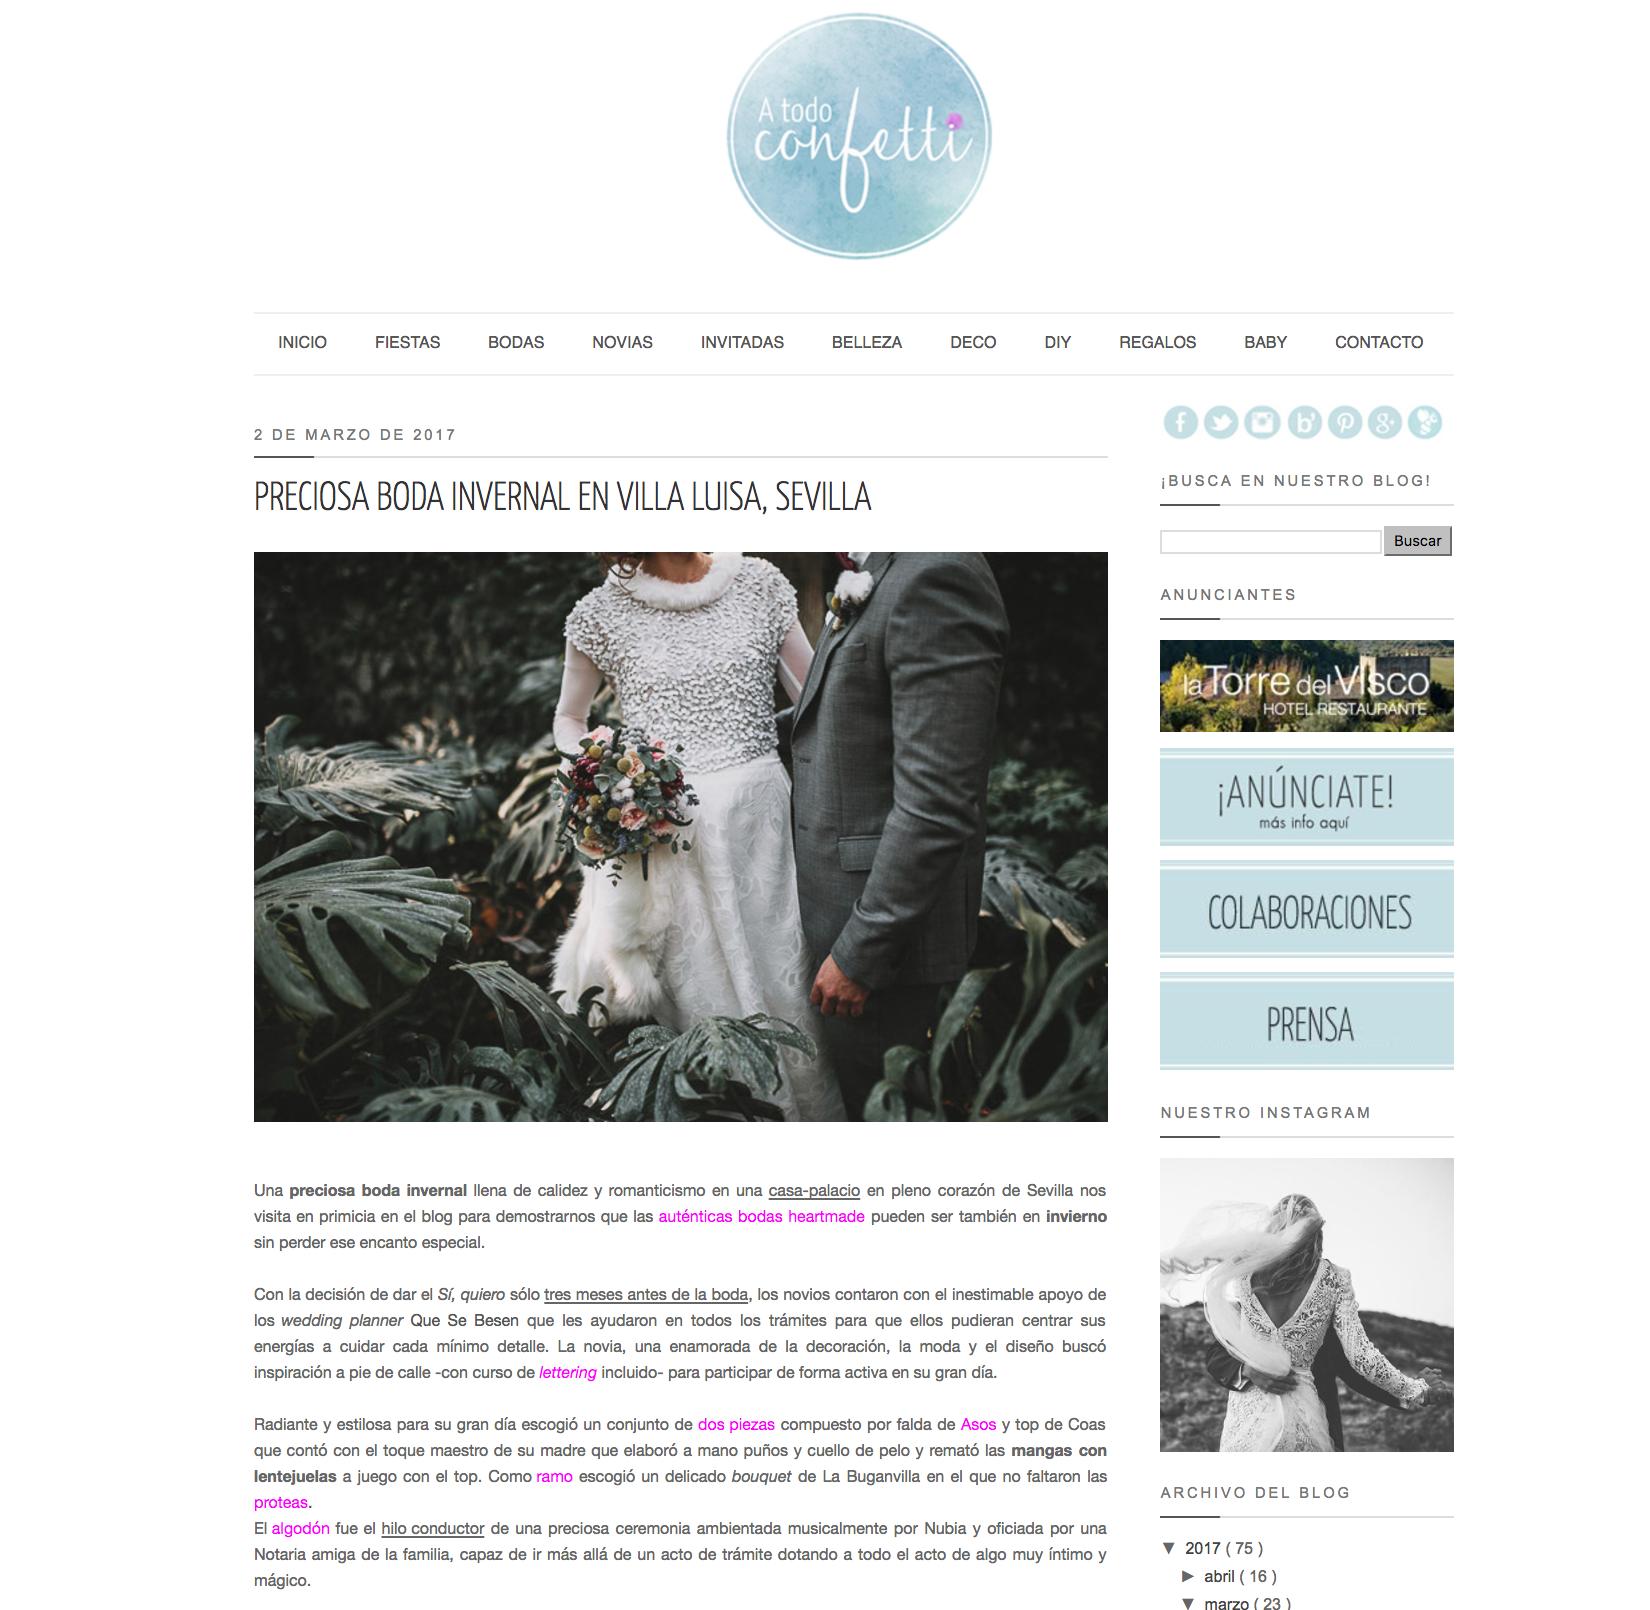 A Todo Confetti   La preciosa boda de invierno en Villa Luisa en el blog de referencia A Todo Confetti.